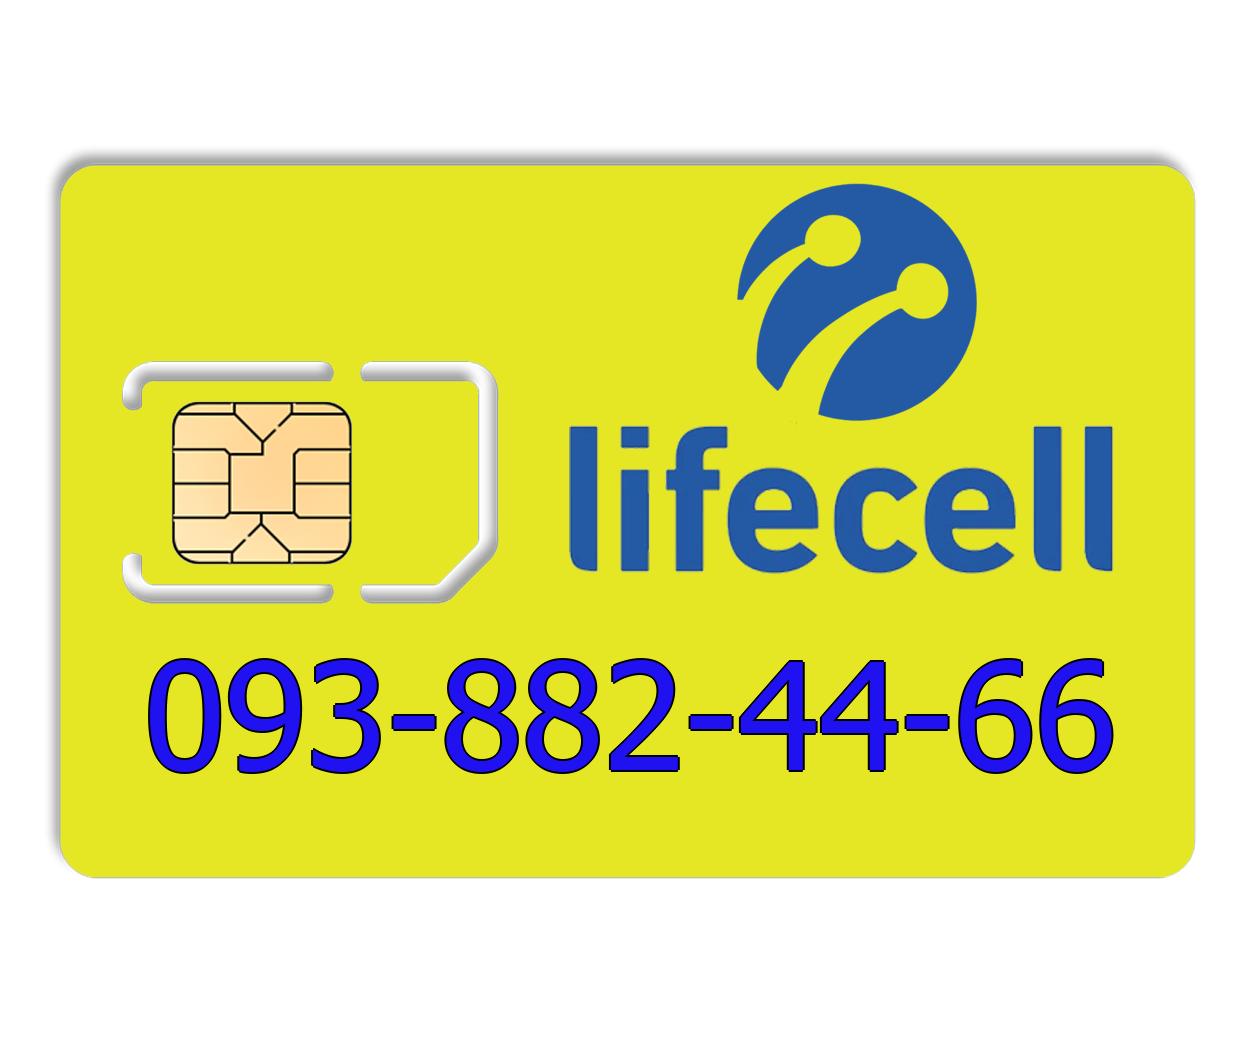 Красивый номер lifecell 093-882-44-66